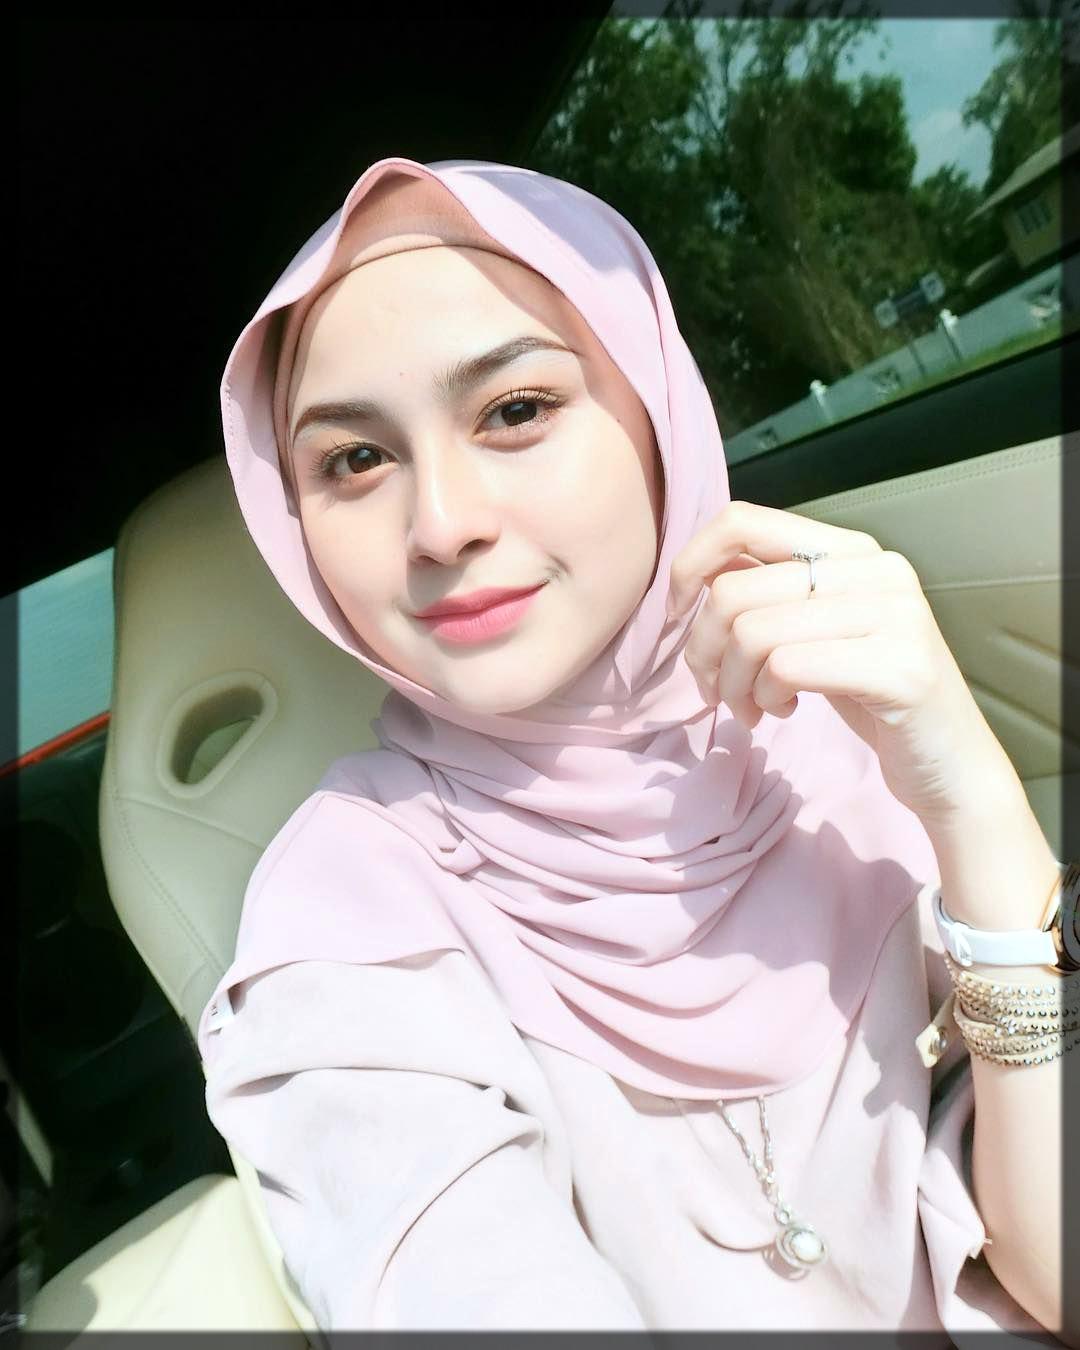 pink hijab with lavish makeup